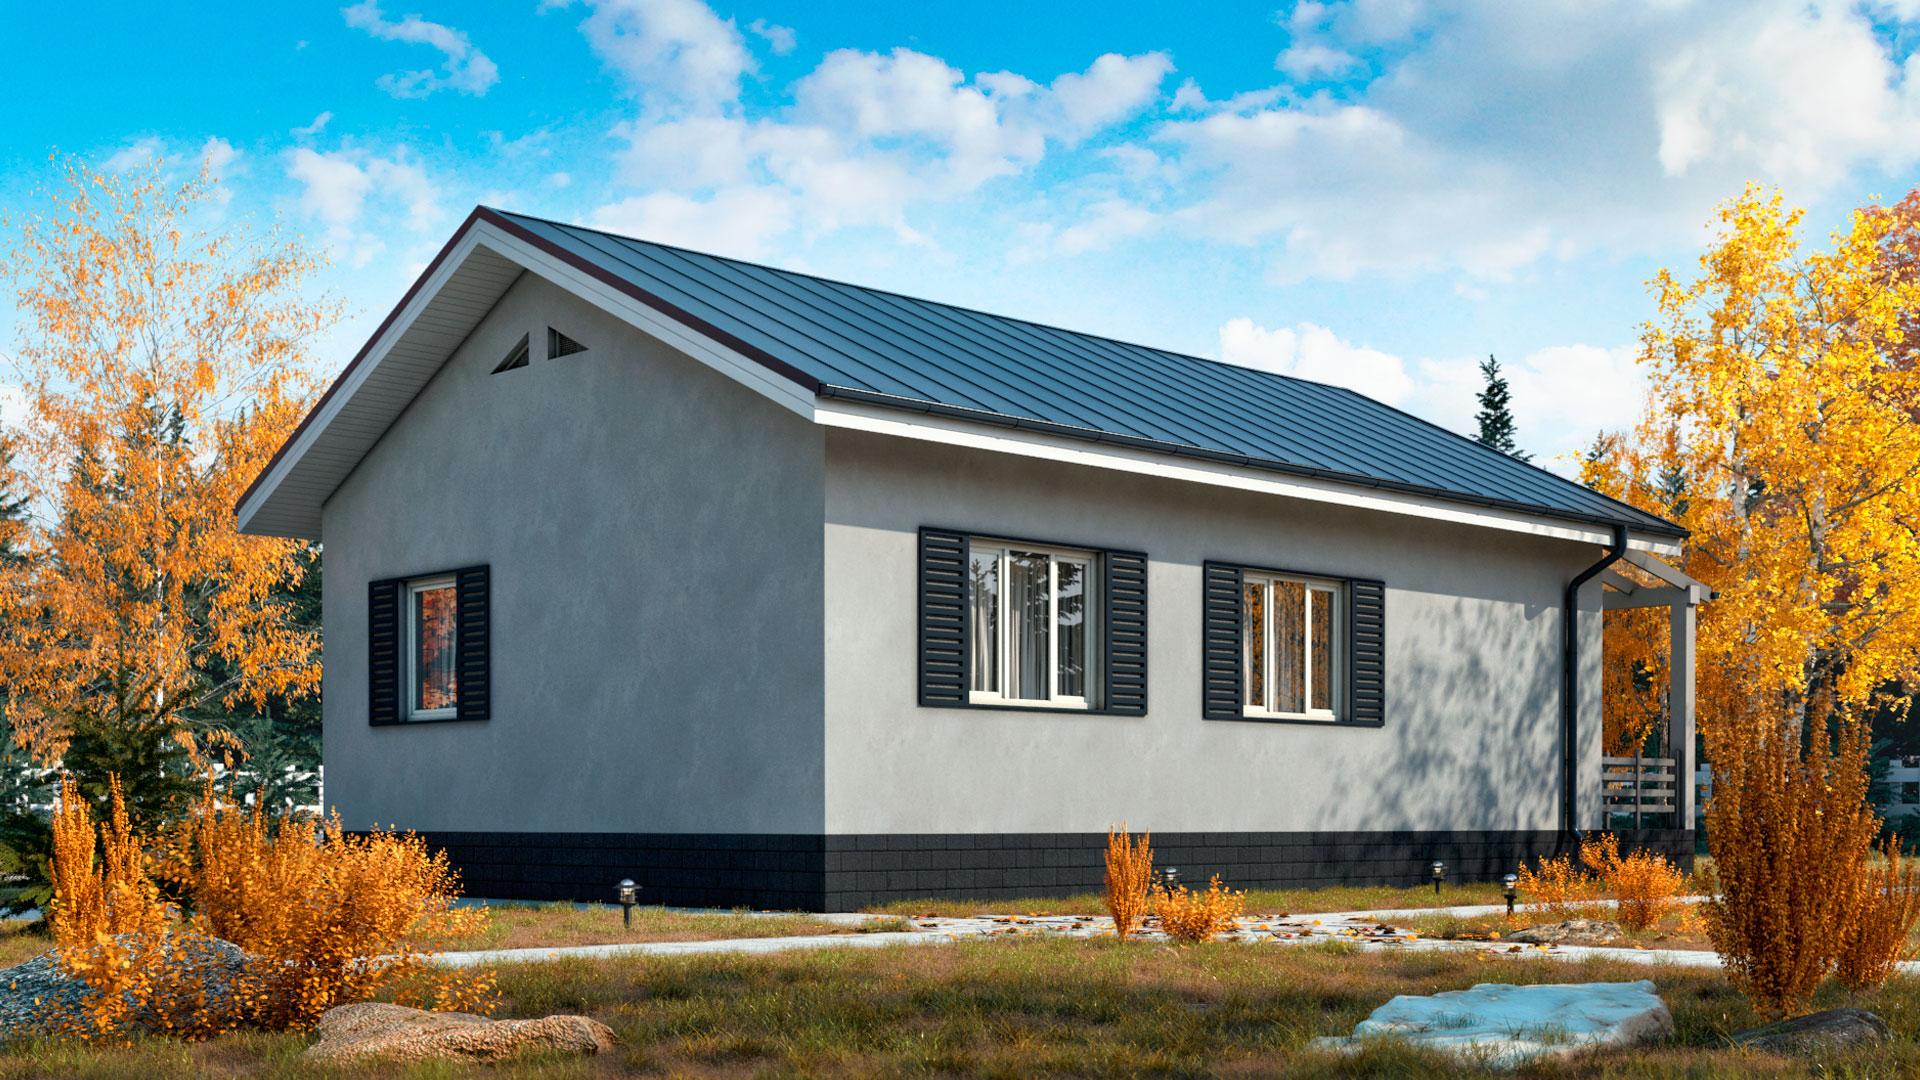 Боковой и задний фасады одноэтажного дома 8 на 10, проект БП-86.